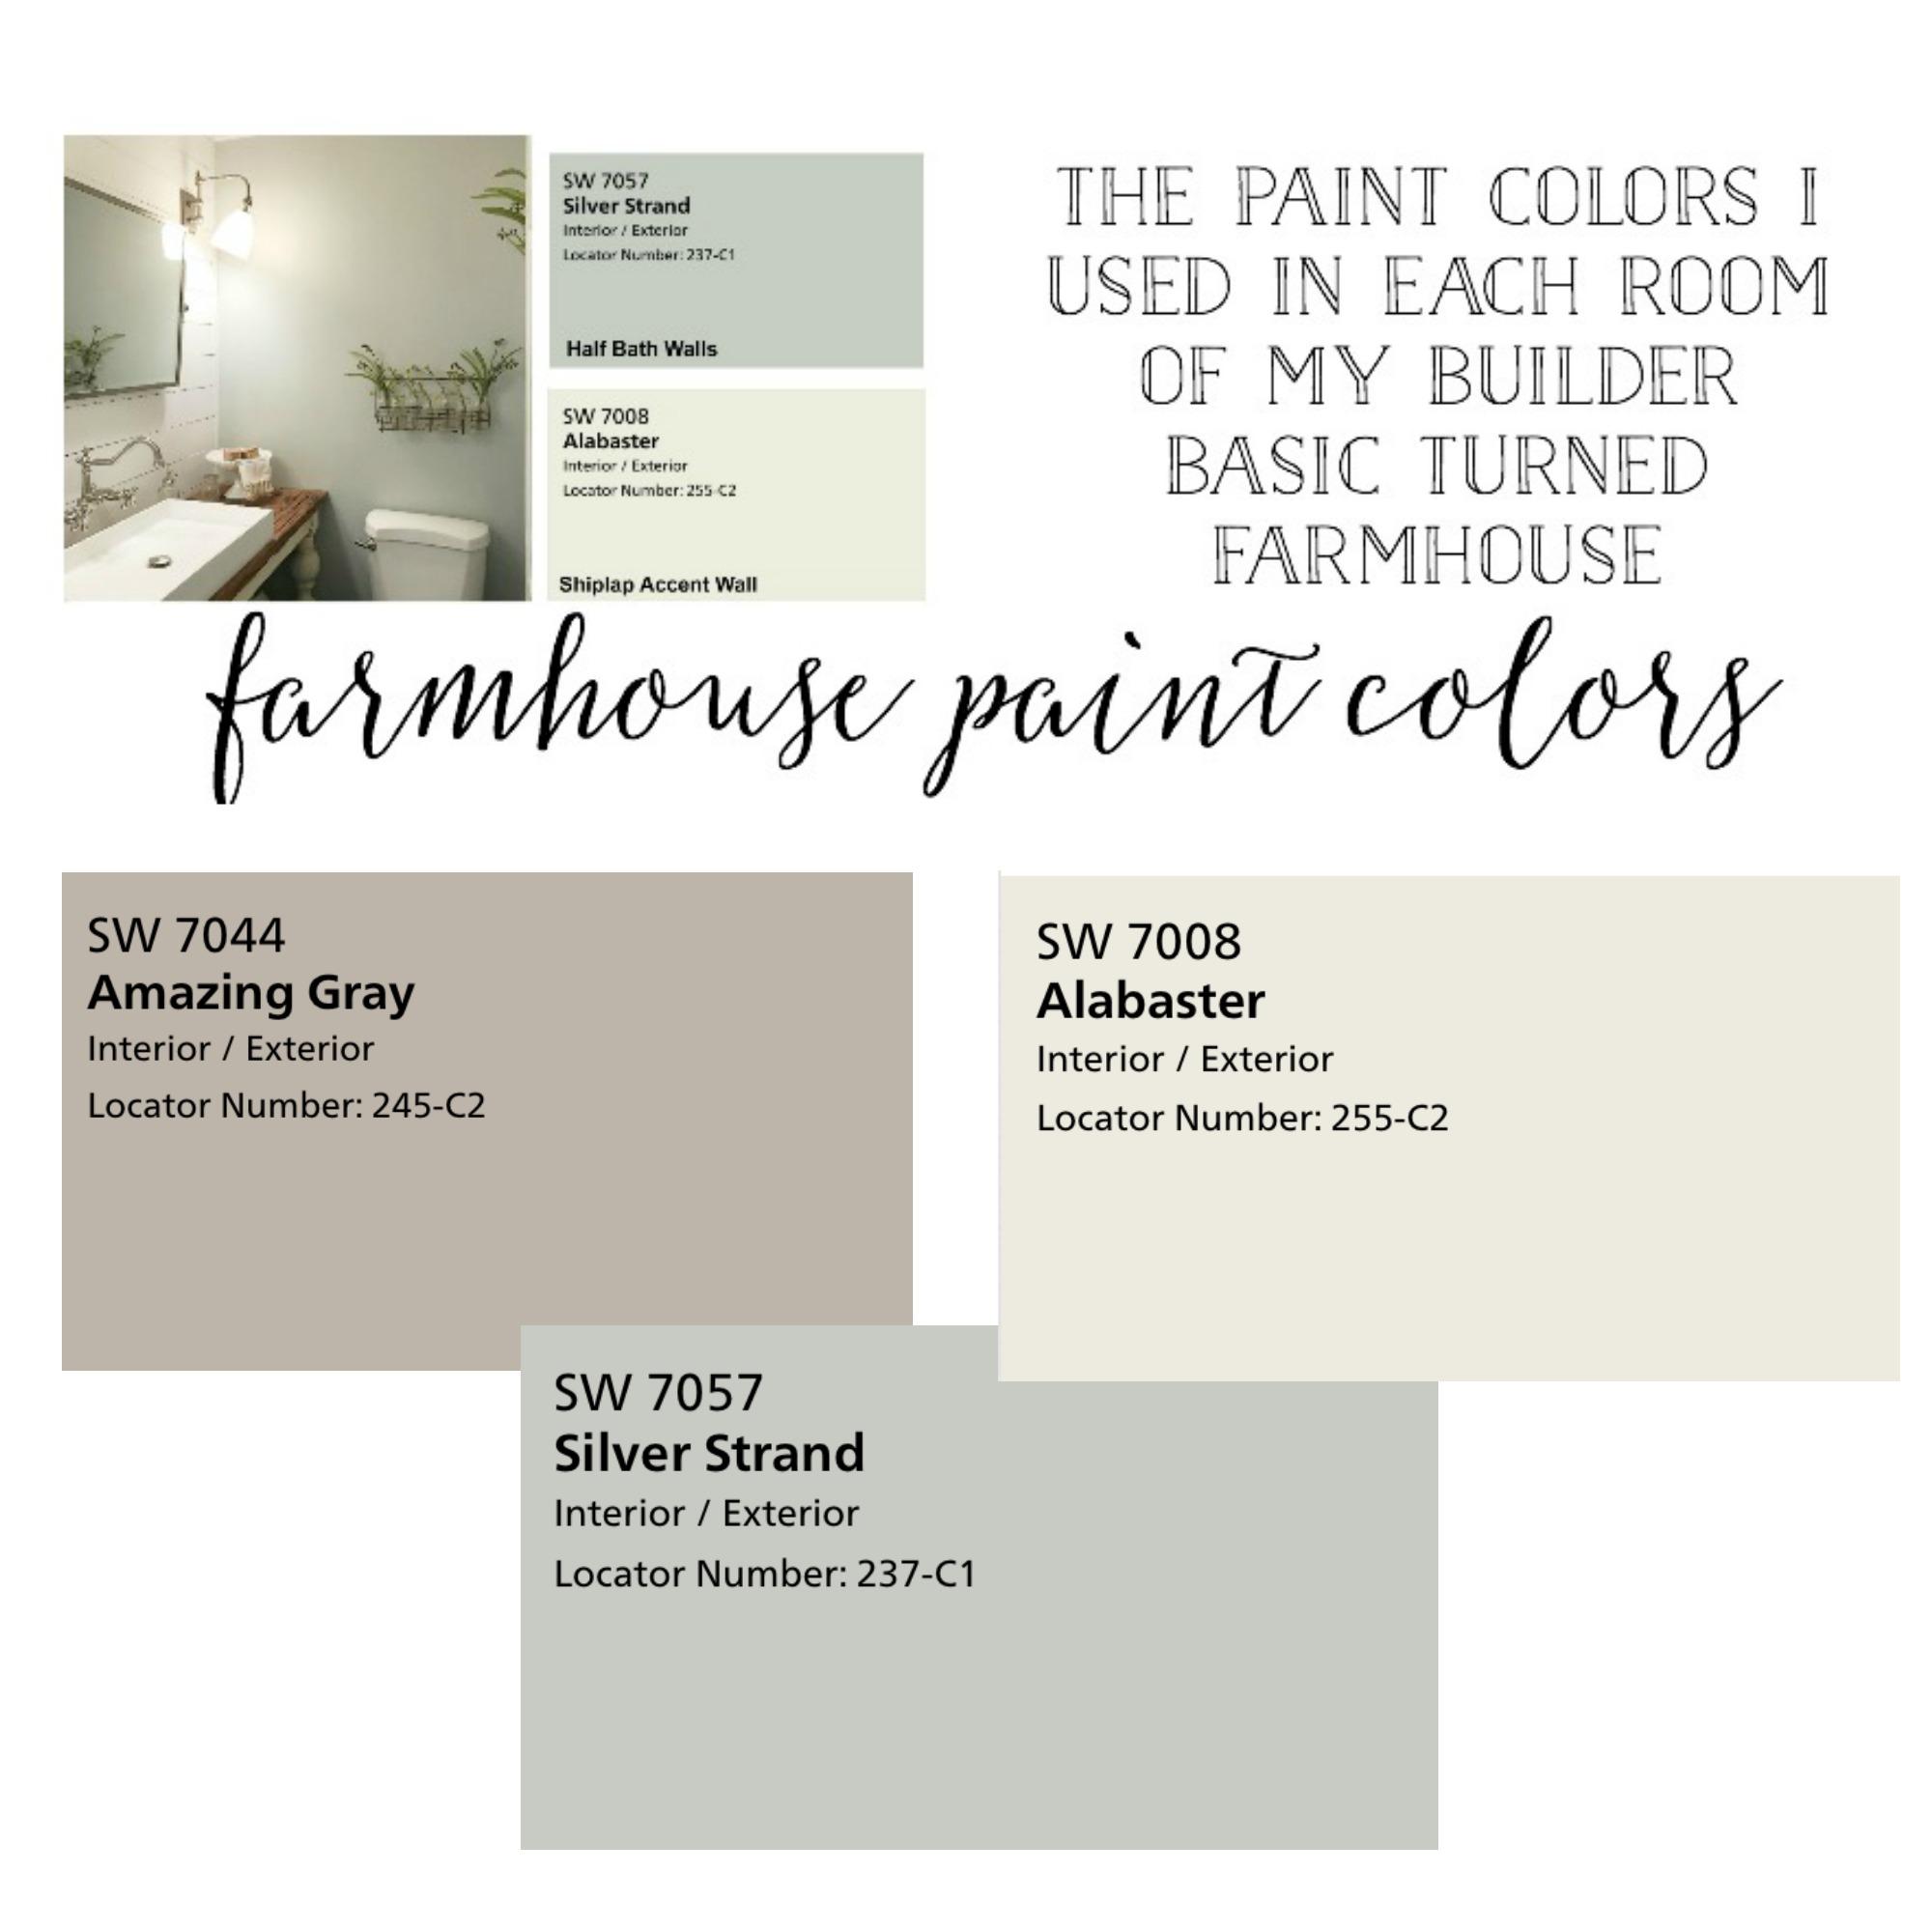 Plum Pretty Decor Design Co Farmhouse Paint Colors The